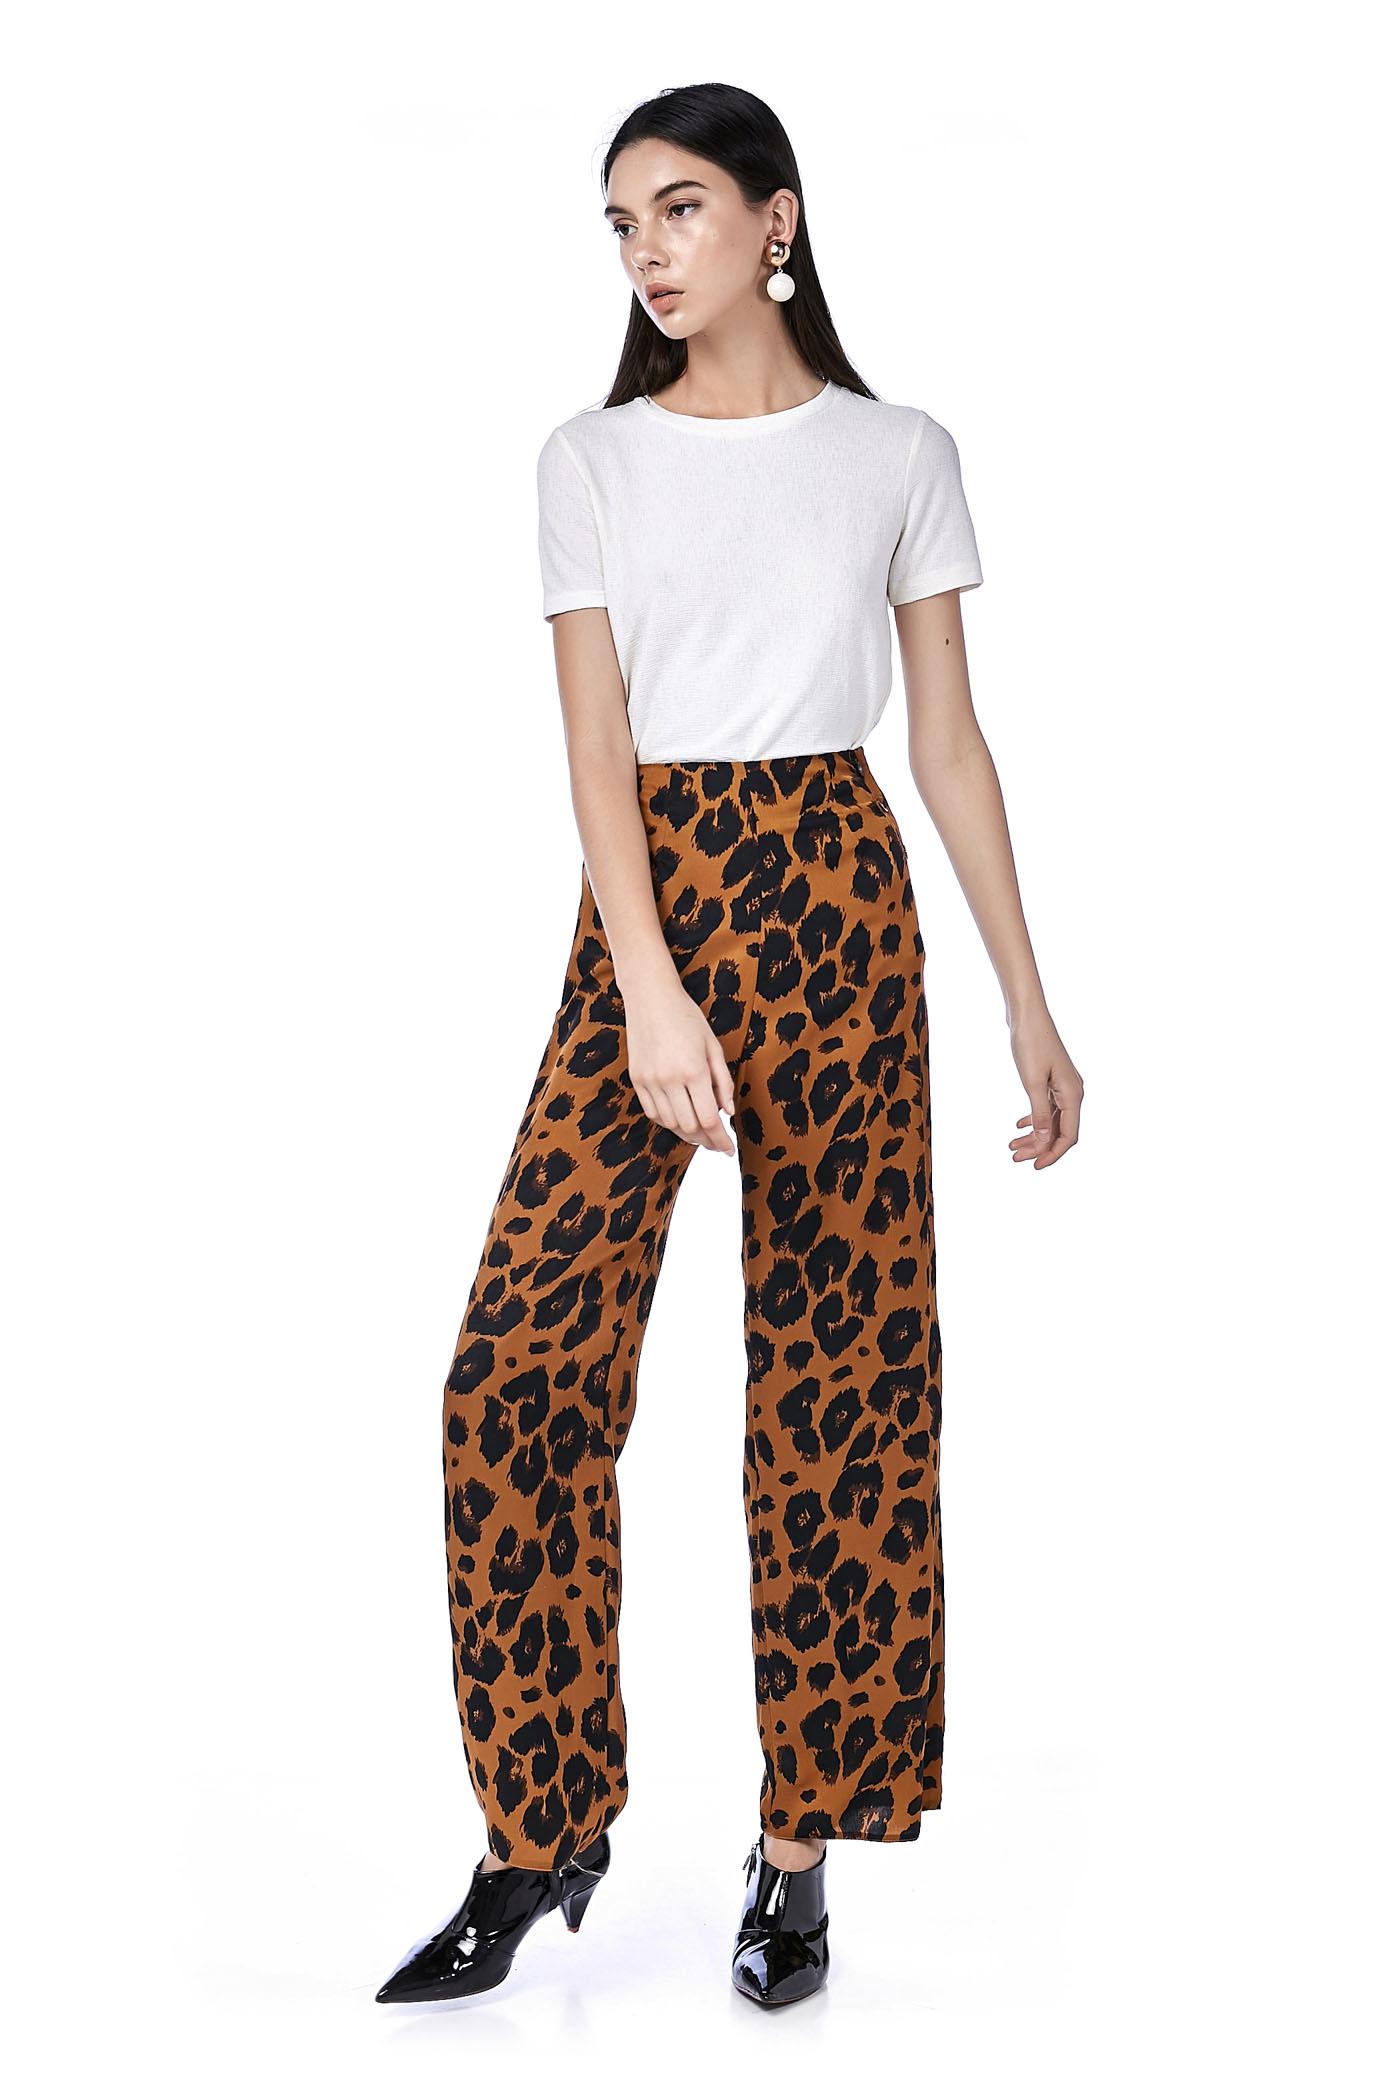 Varla High-Waisted Pants